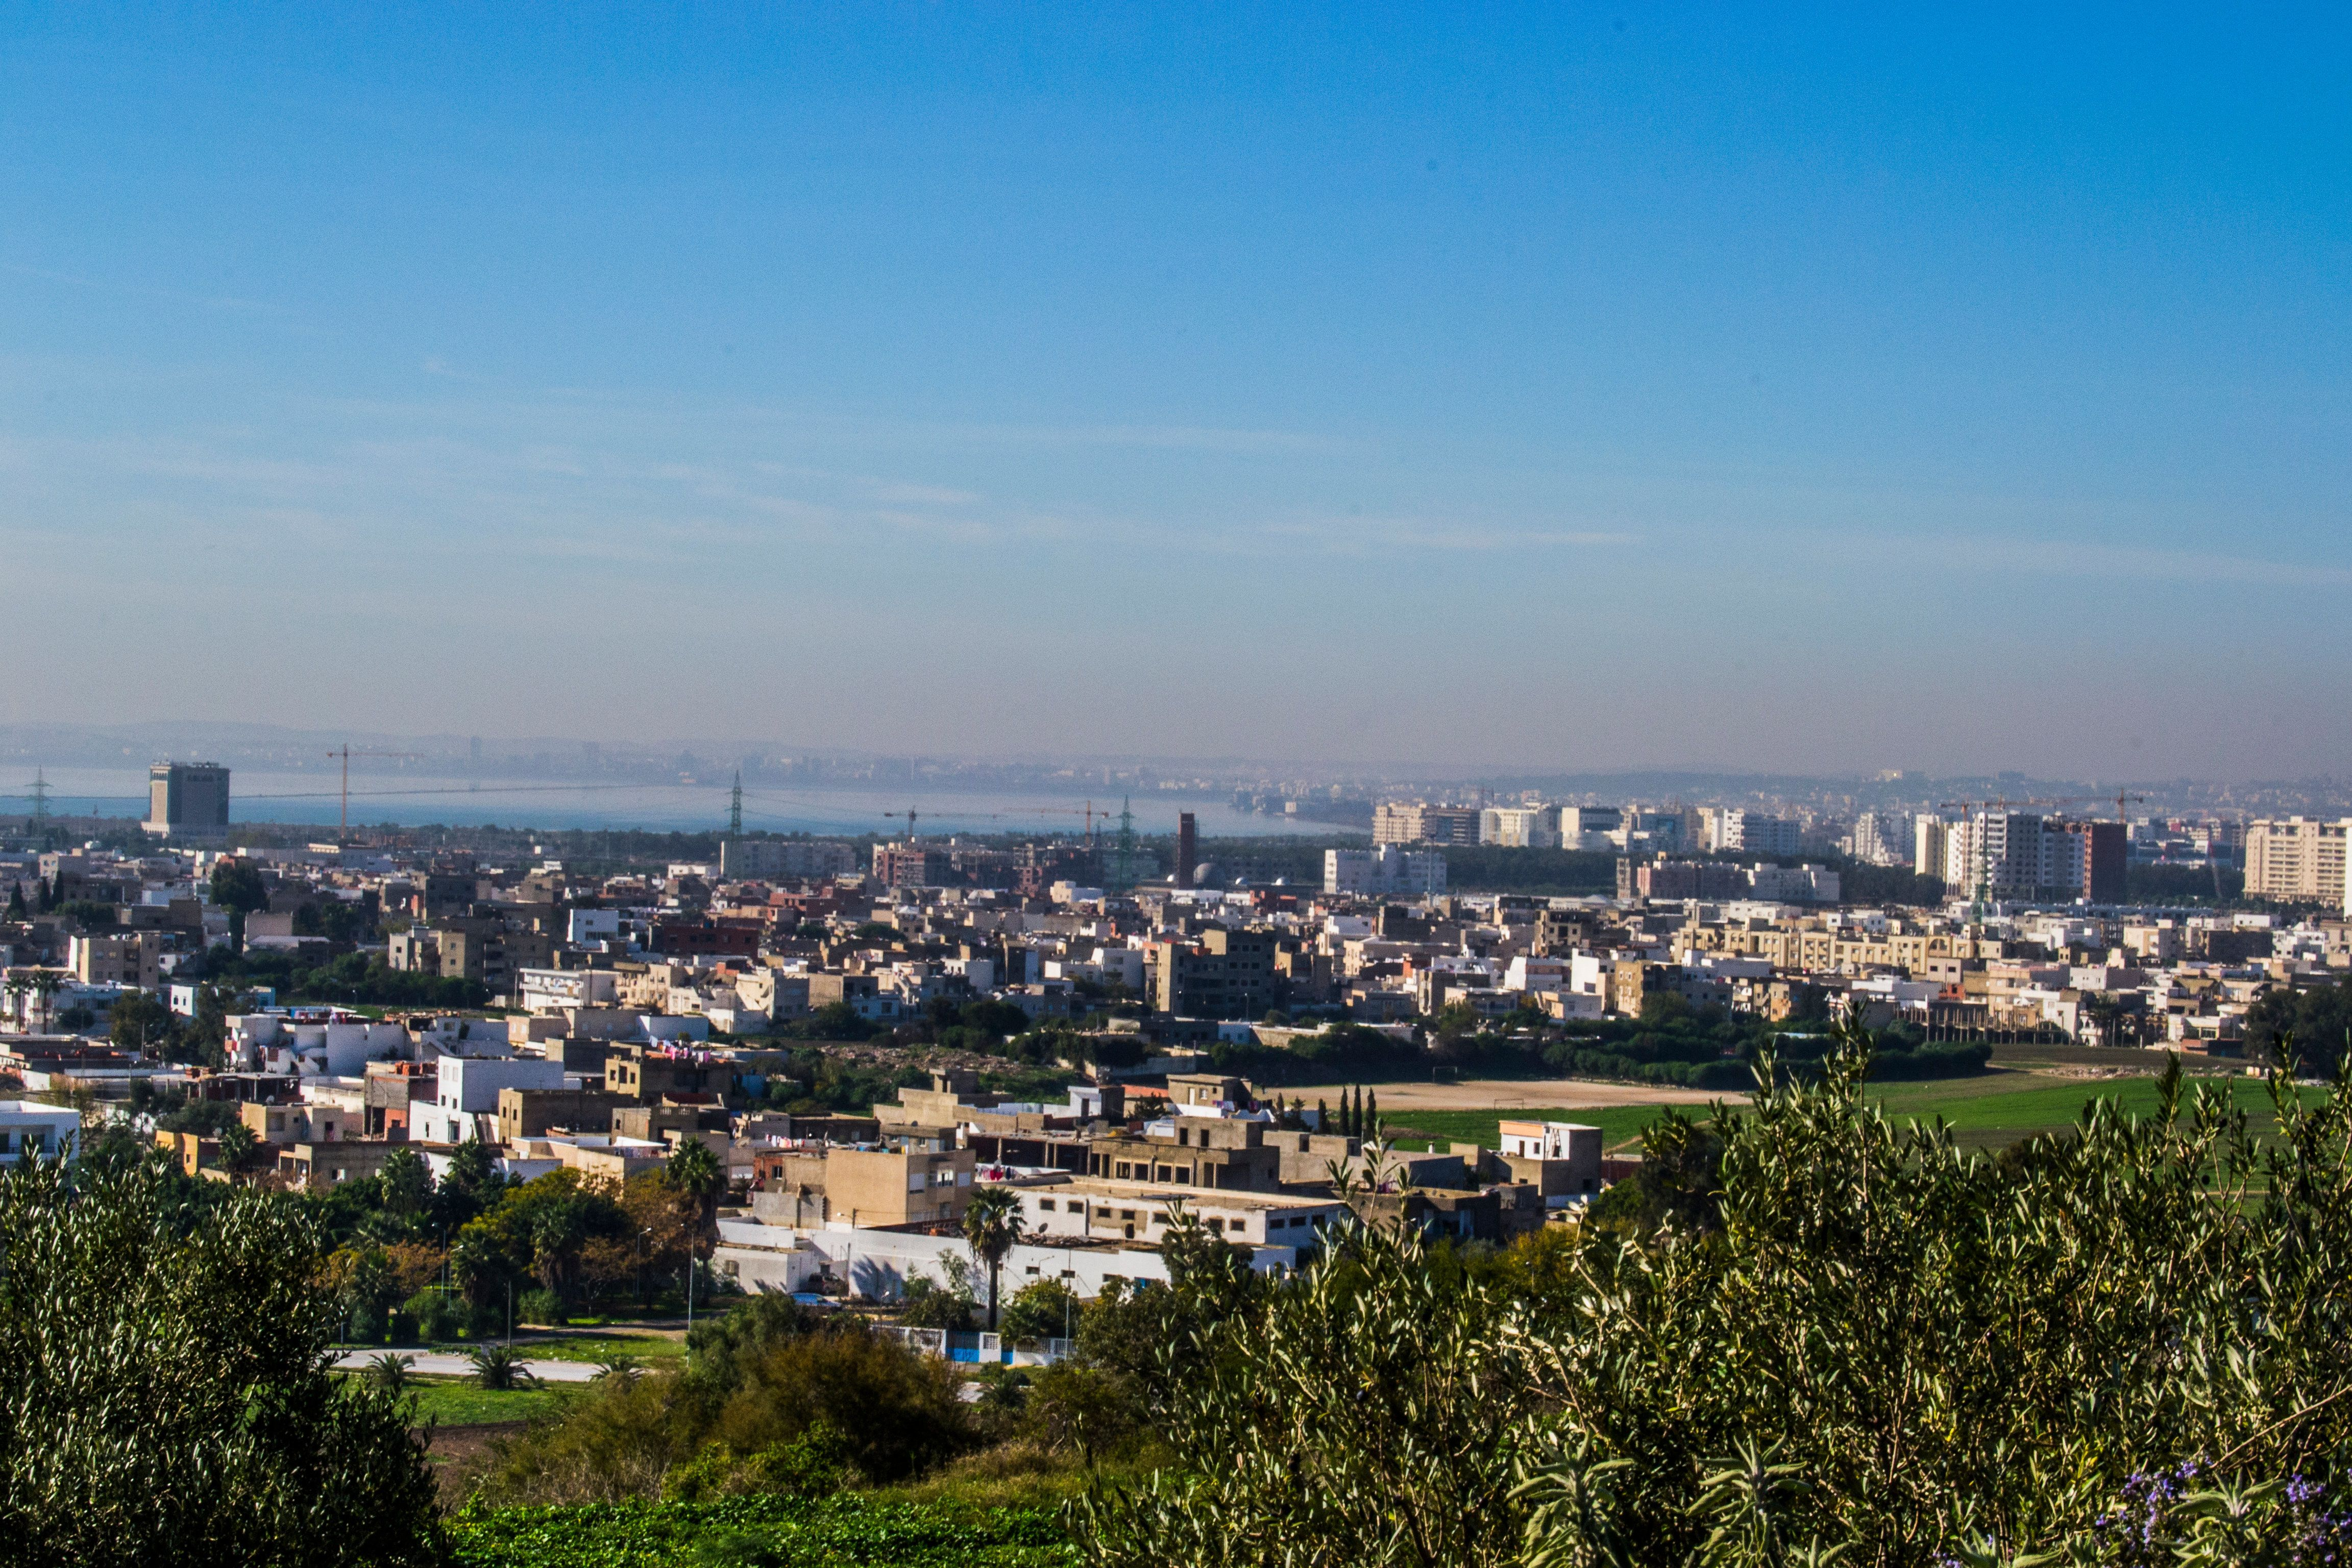 Tunis reste la ville du Maghreb qui offre la meilleure qualité de vie selon